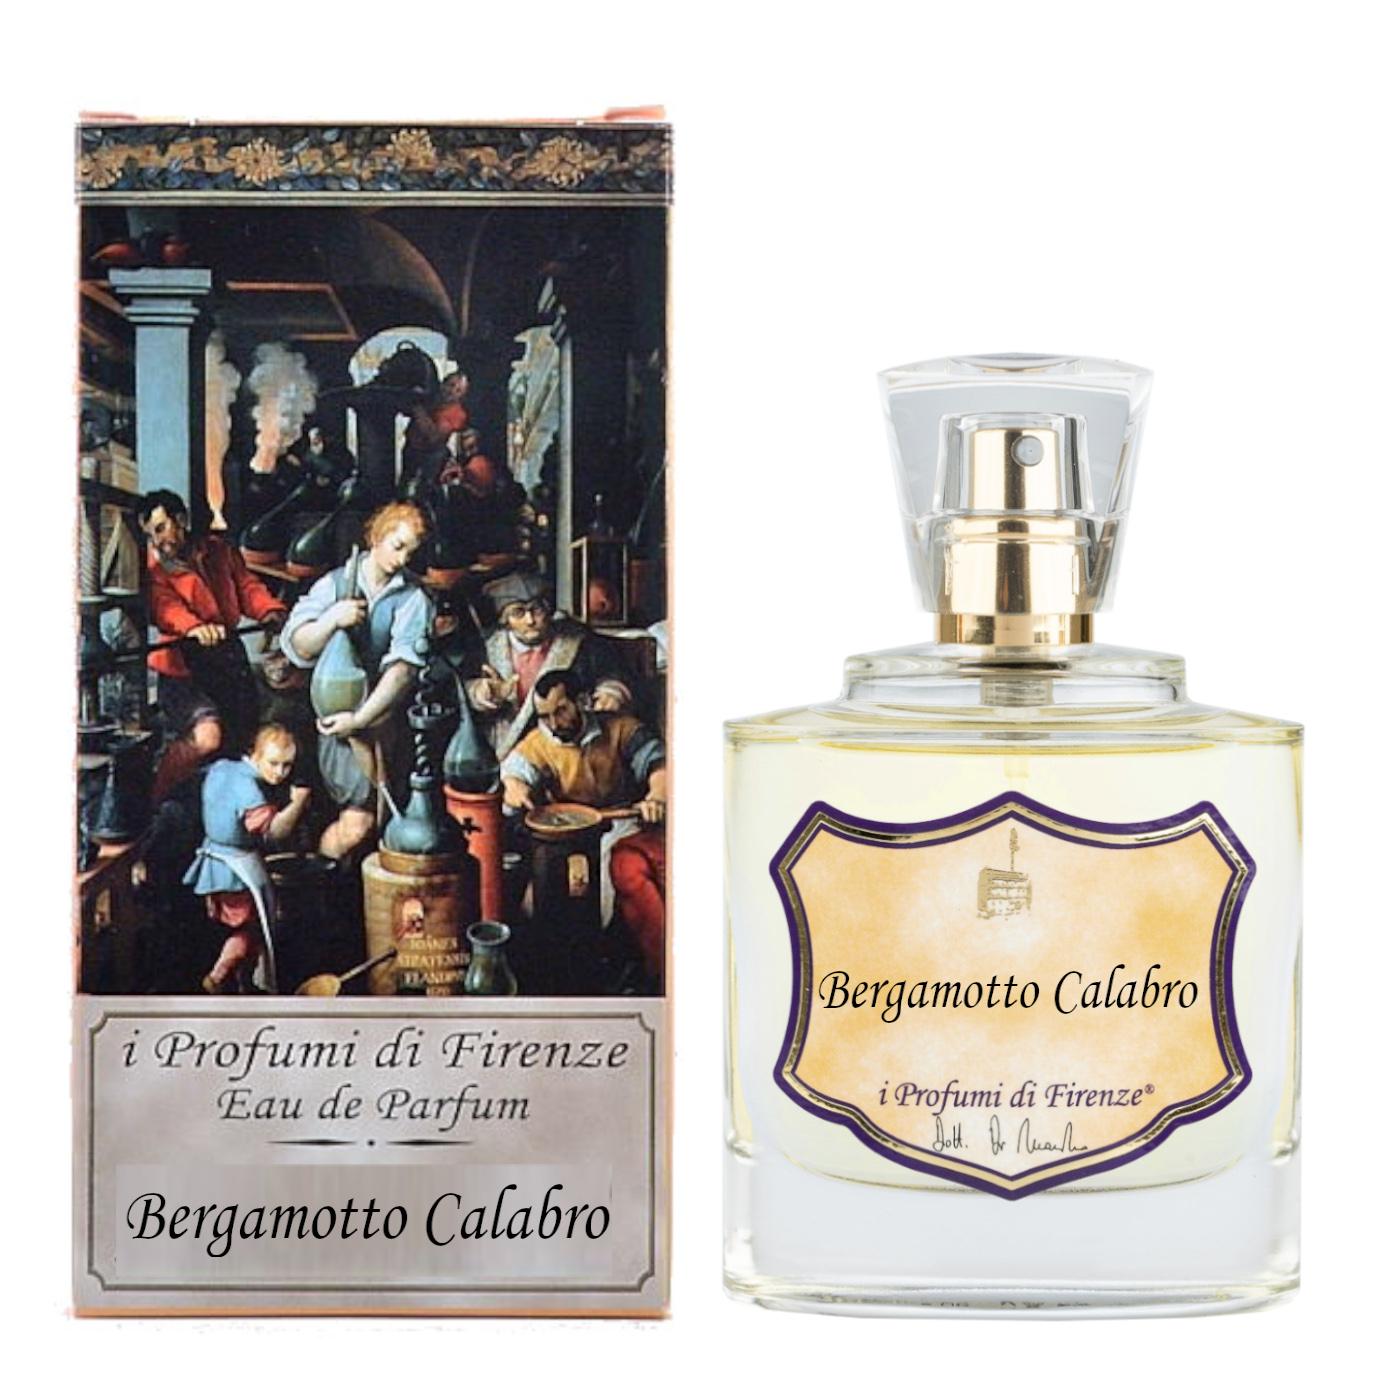 BERGAMOTTO CALABRO - Eau de Parfum-4033